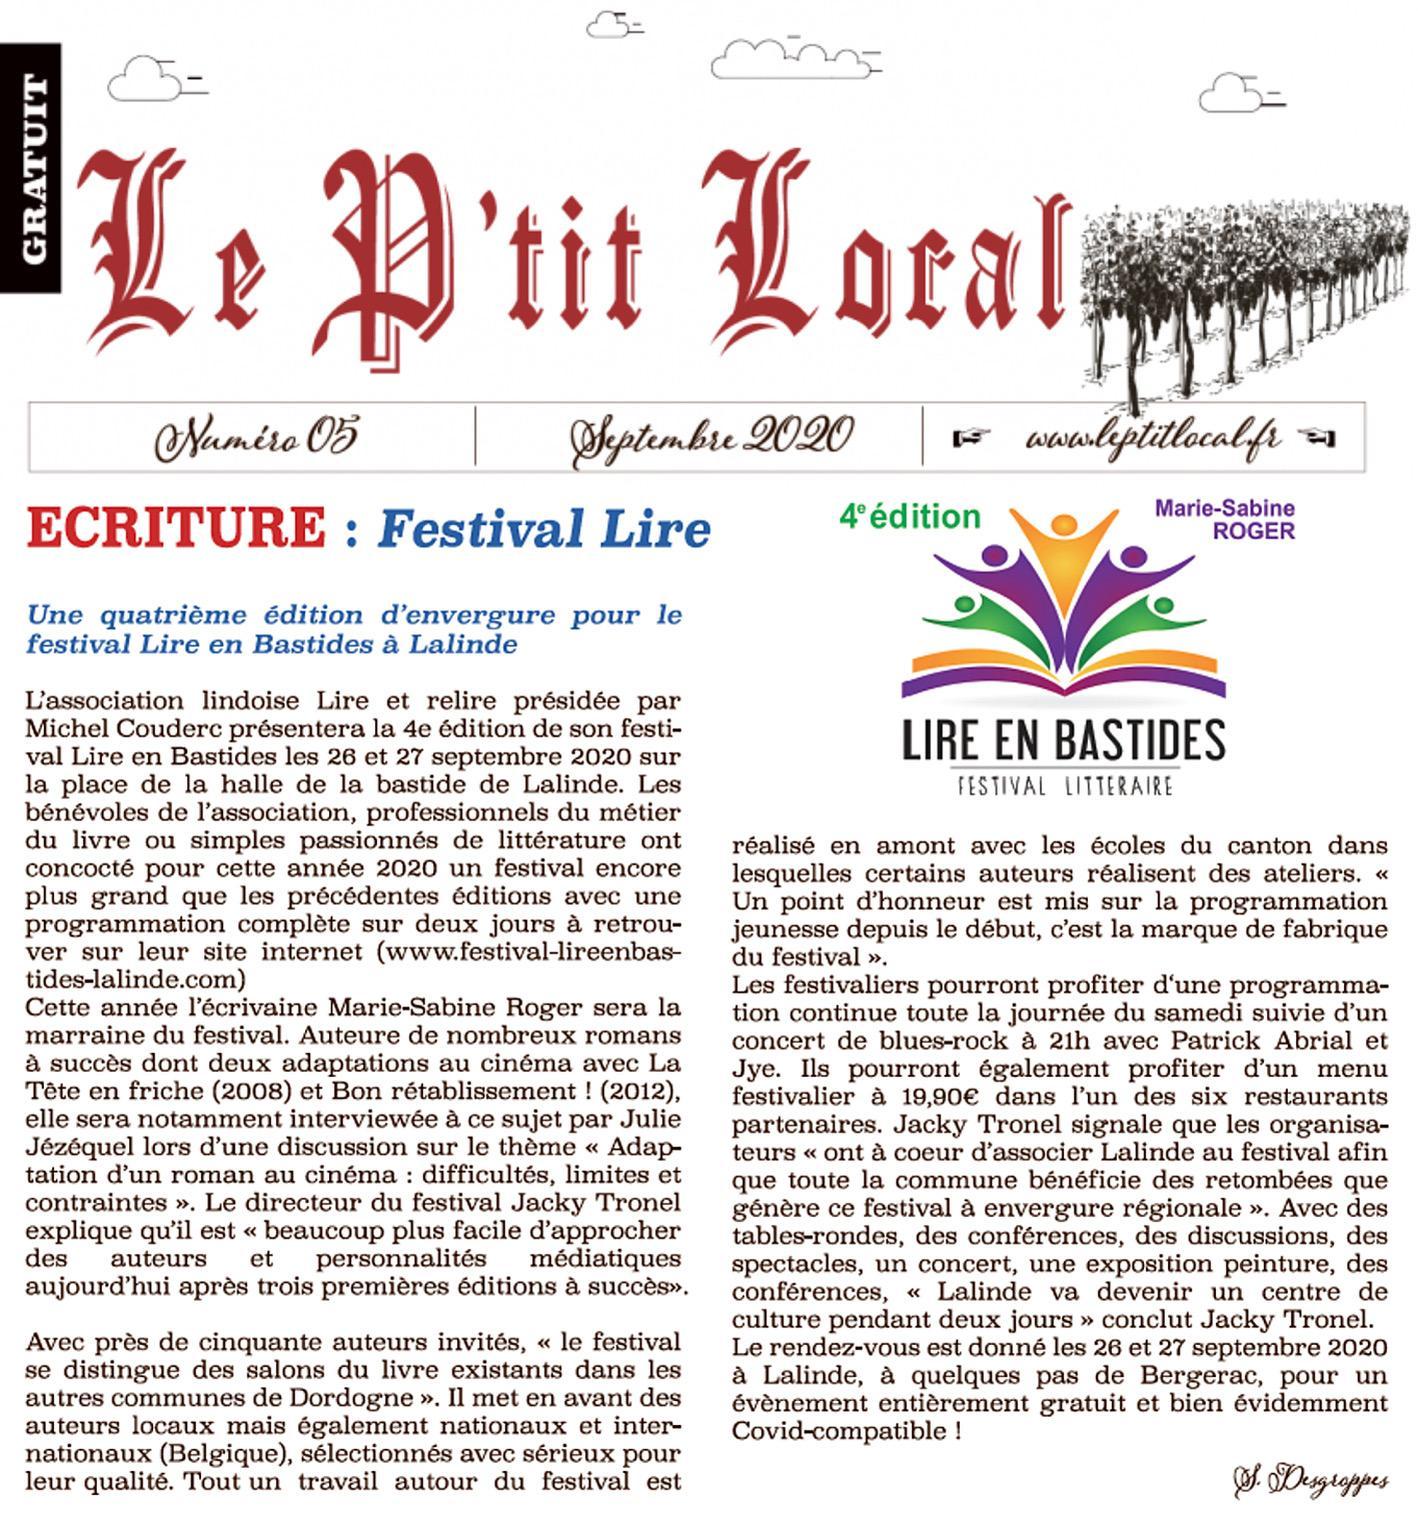 Le ptit local 09 2020